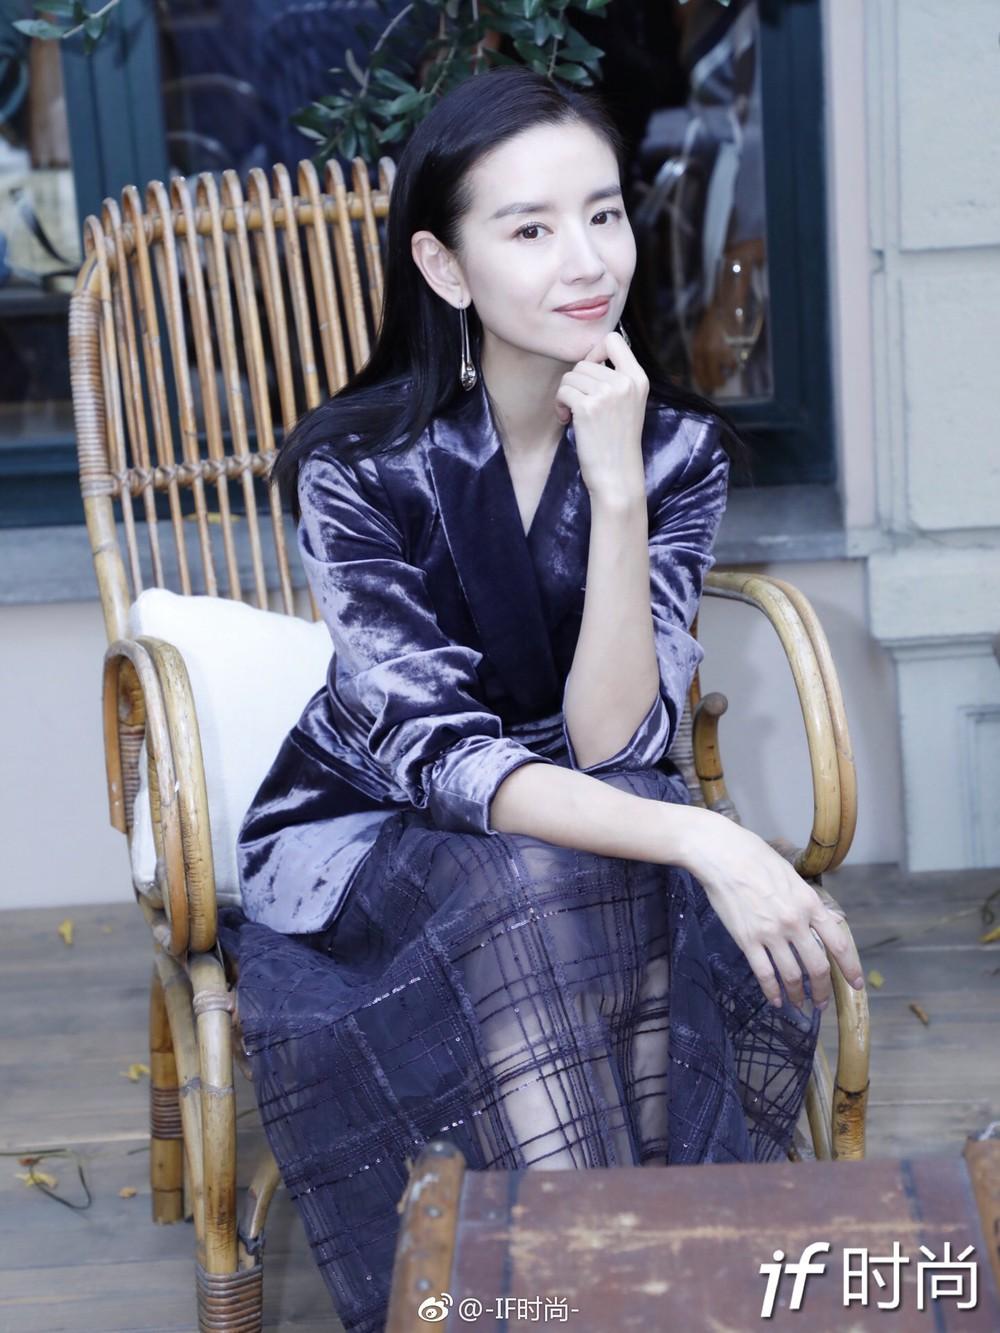 Hai Phú Sát Hoàng Hậu Tần Lam - Đổng Khiết đụng độ nhan sắc: Người như tiên nữ, kẻ lộ già nua - Ảnh 20.